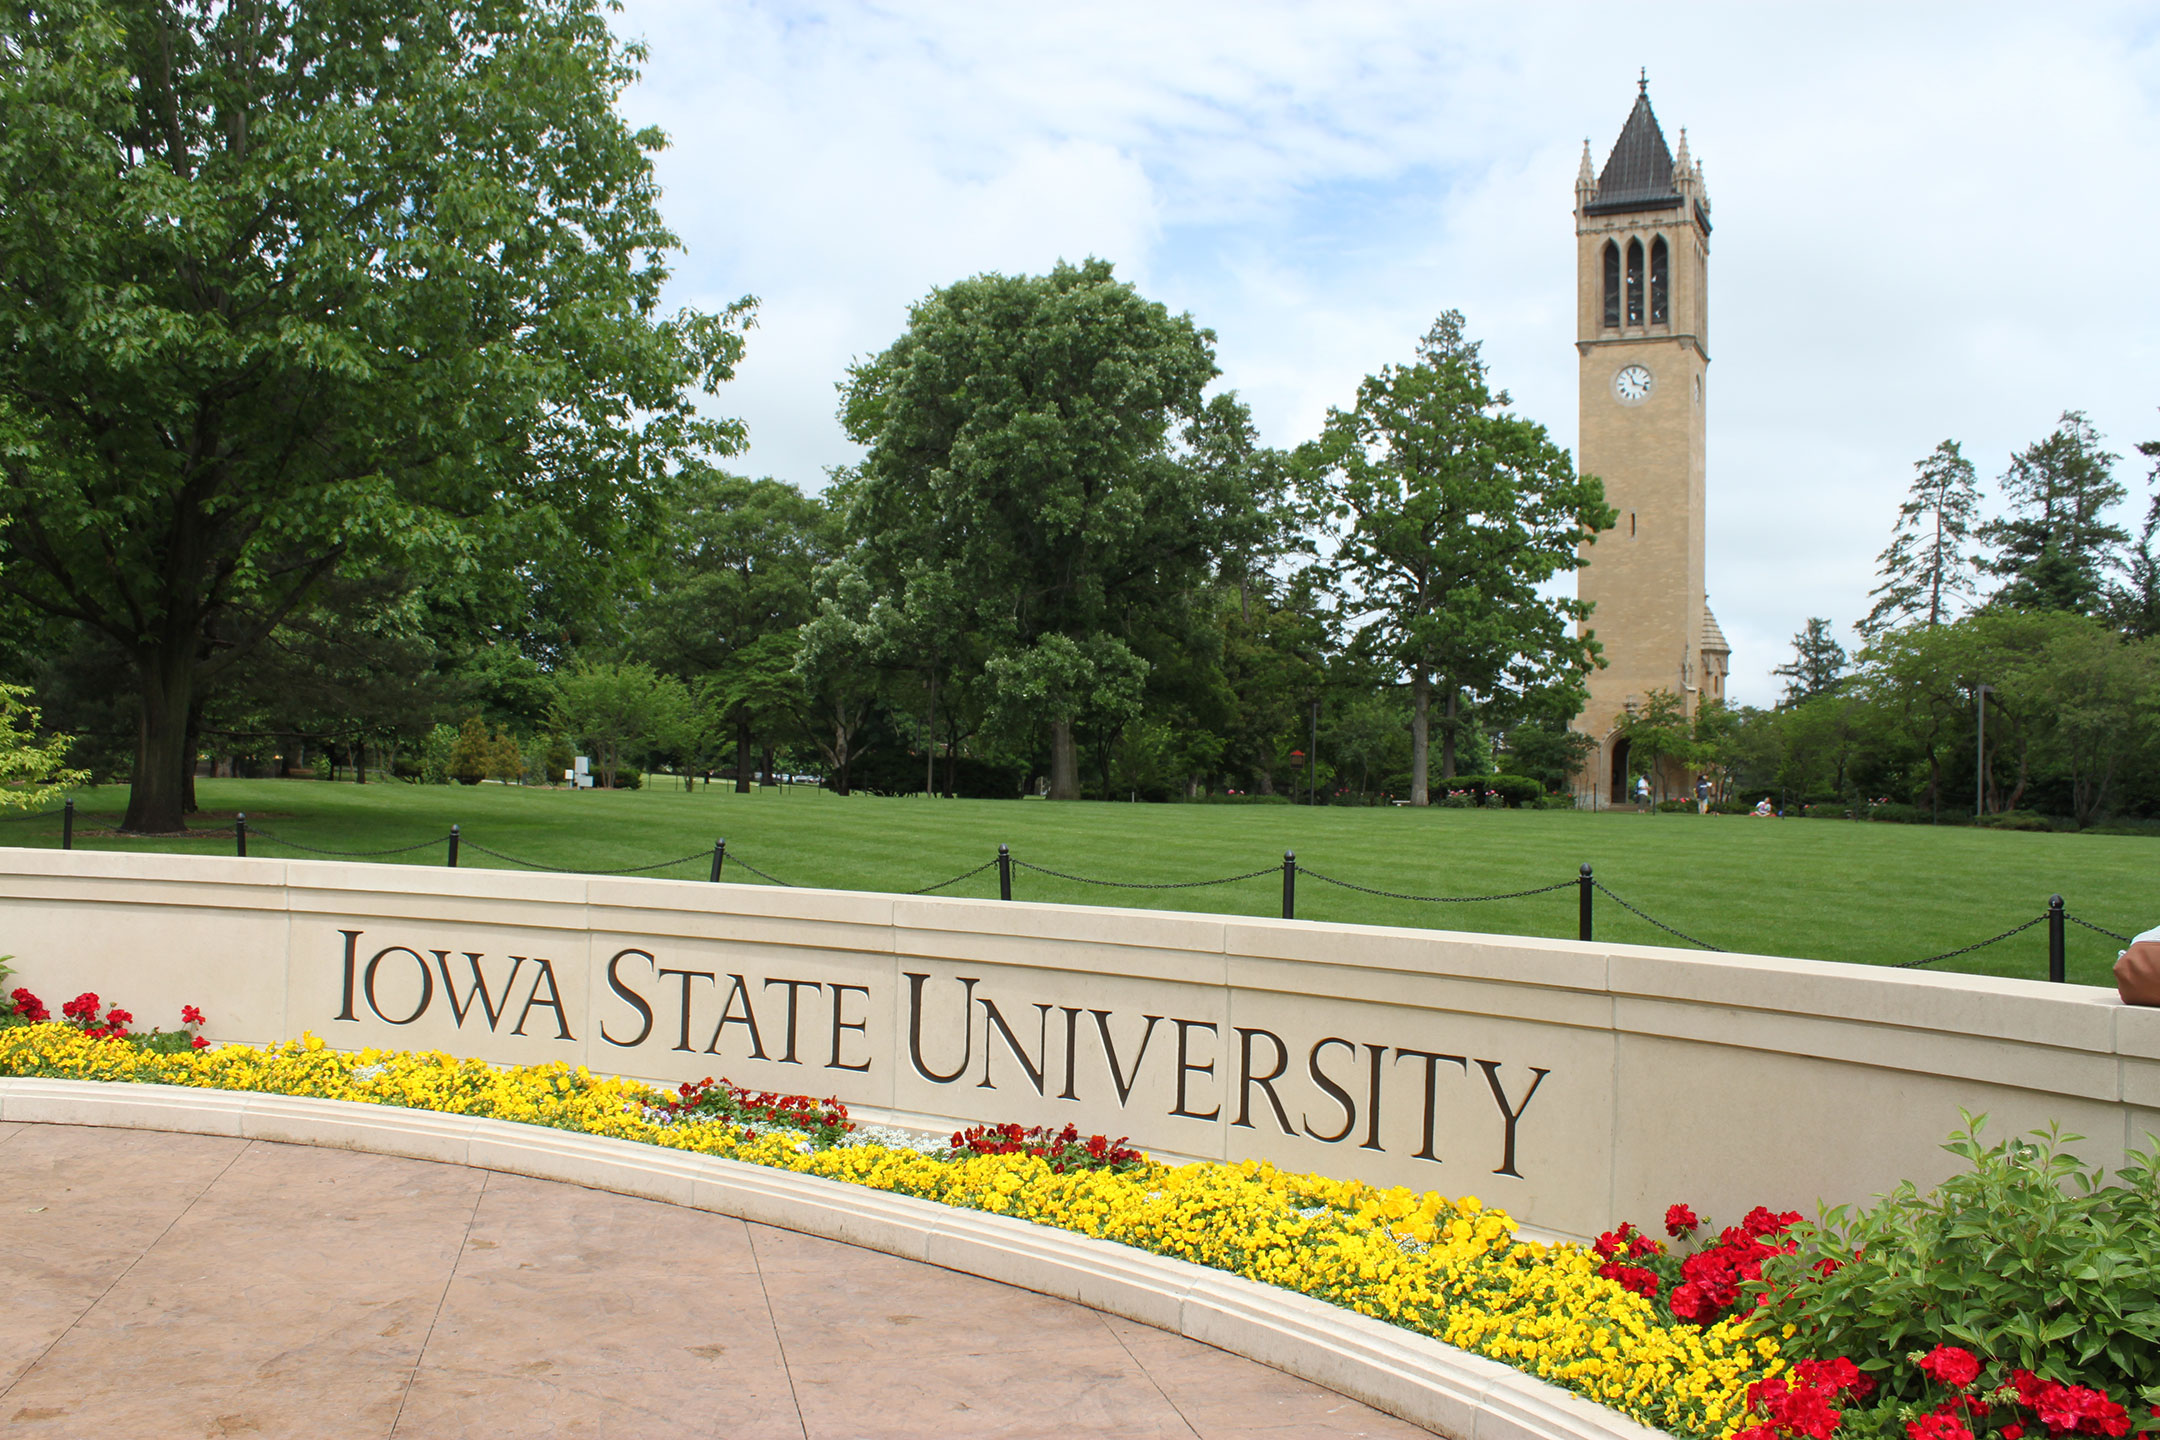 2019 ConferenceOctober 17-19 - Pappajohn Center for EntrepreneurshipIowa State University, Ames Iowa